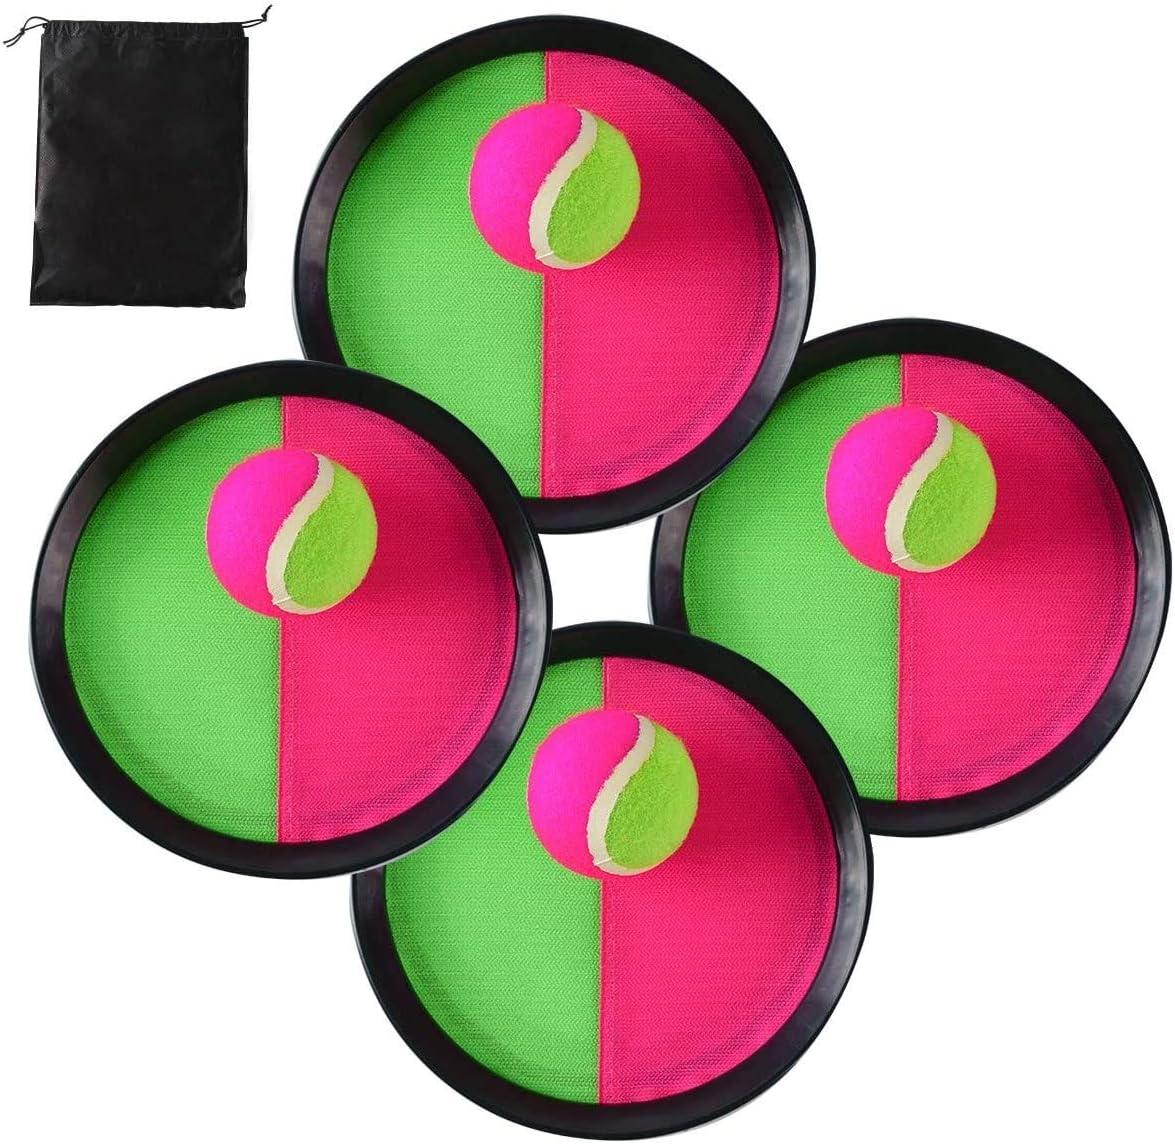 Locisne Toss y Catch Paddle Game Set,Disco de paletas y Juego de Lanzamiento de Pelota Juego Atrapa Pelotas con Bolsa de Almacenamiento, 4 paletas y 4 Bolas